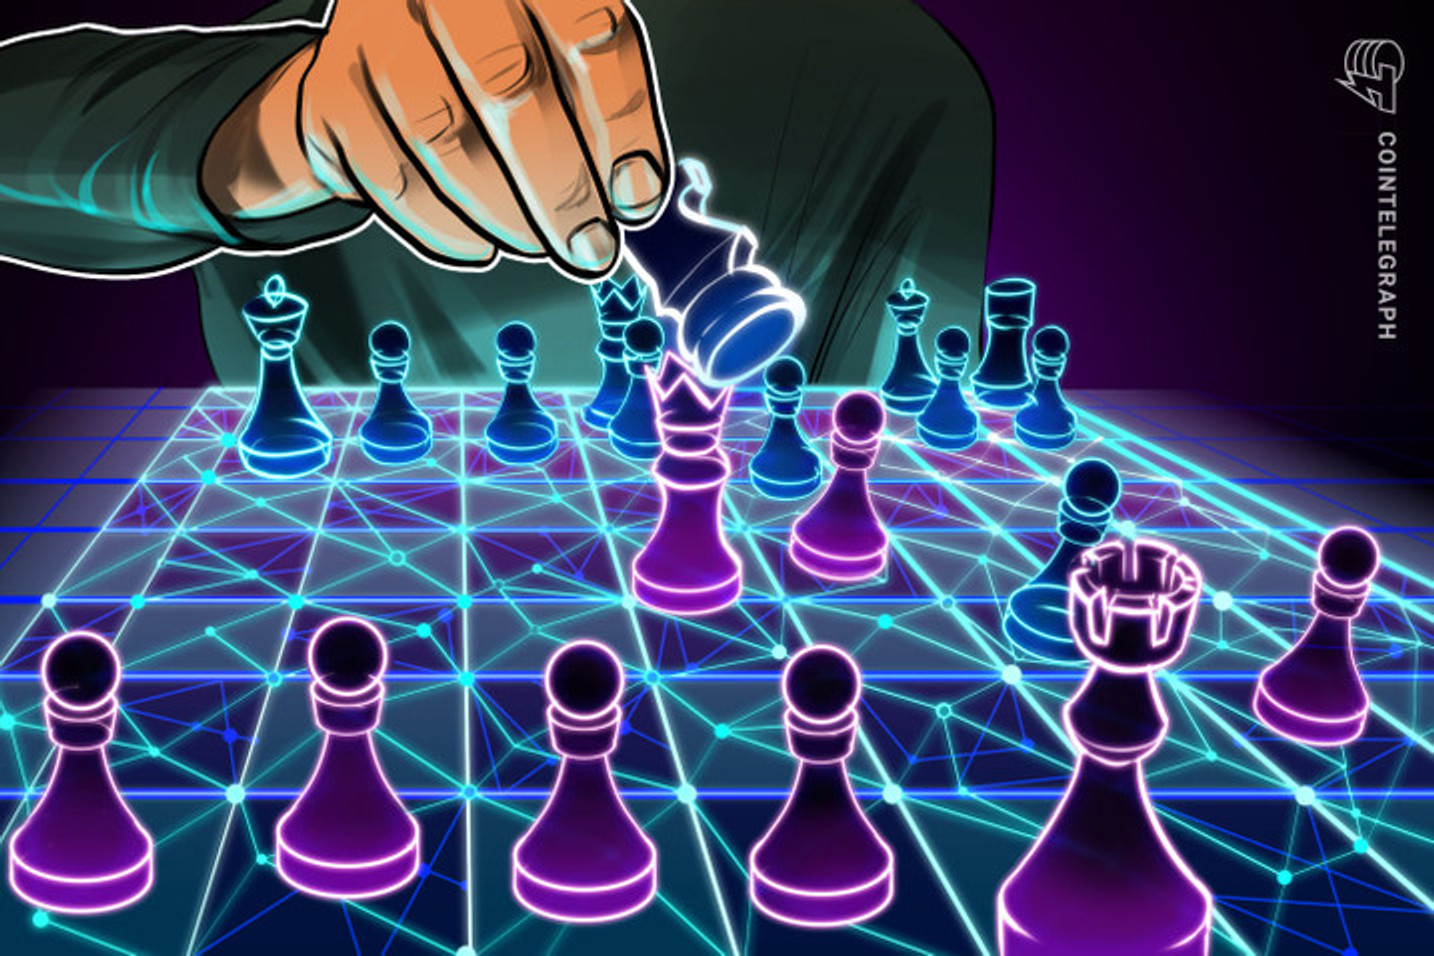 Desarrollan plataforma de logística para fuerzas armadas con Inteligencia Artificial y Blockchain